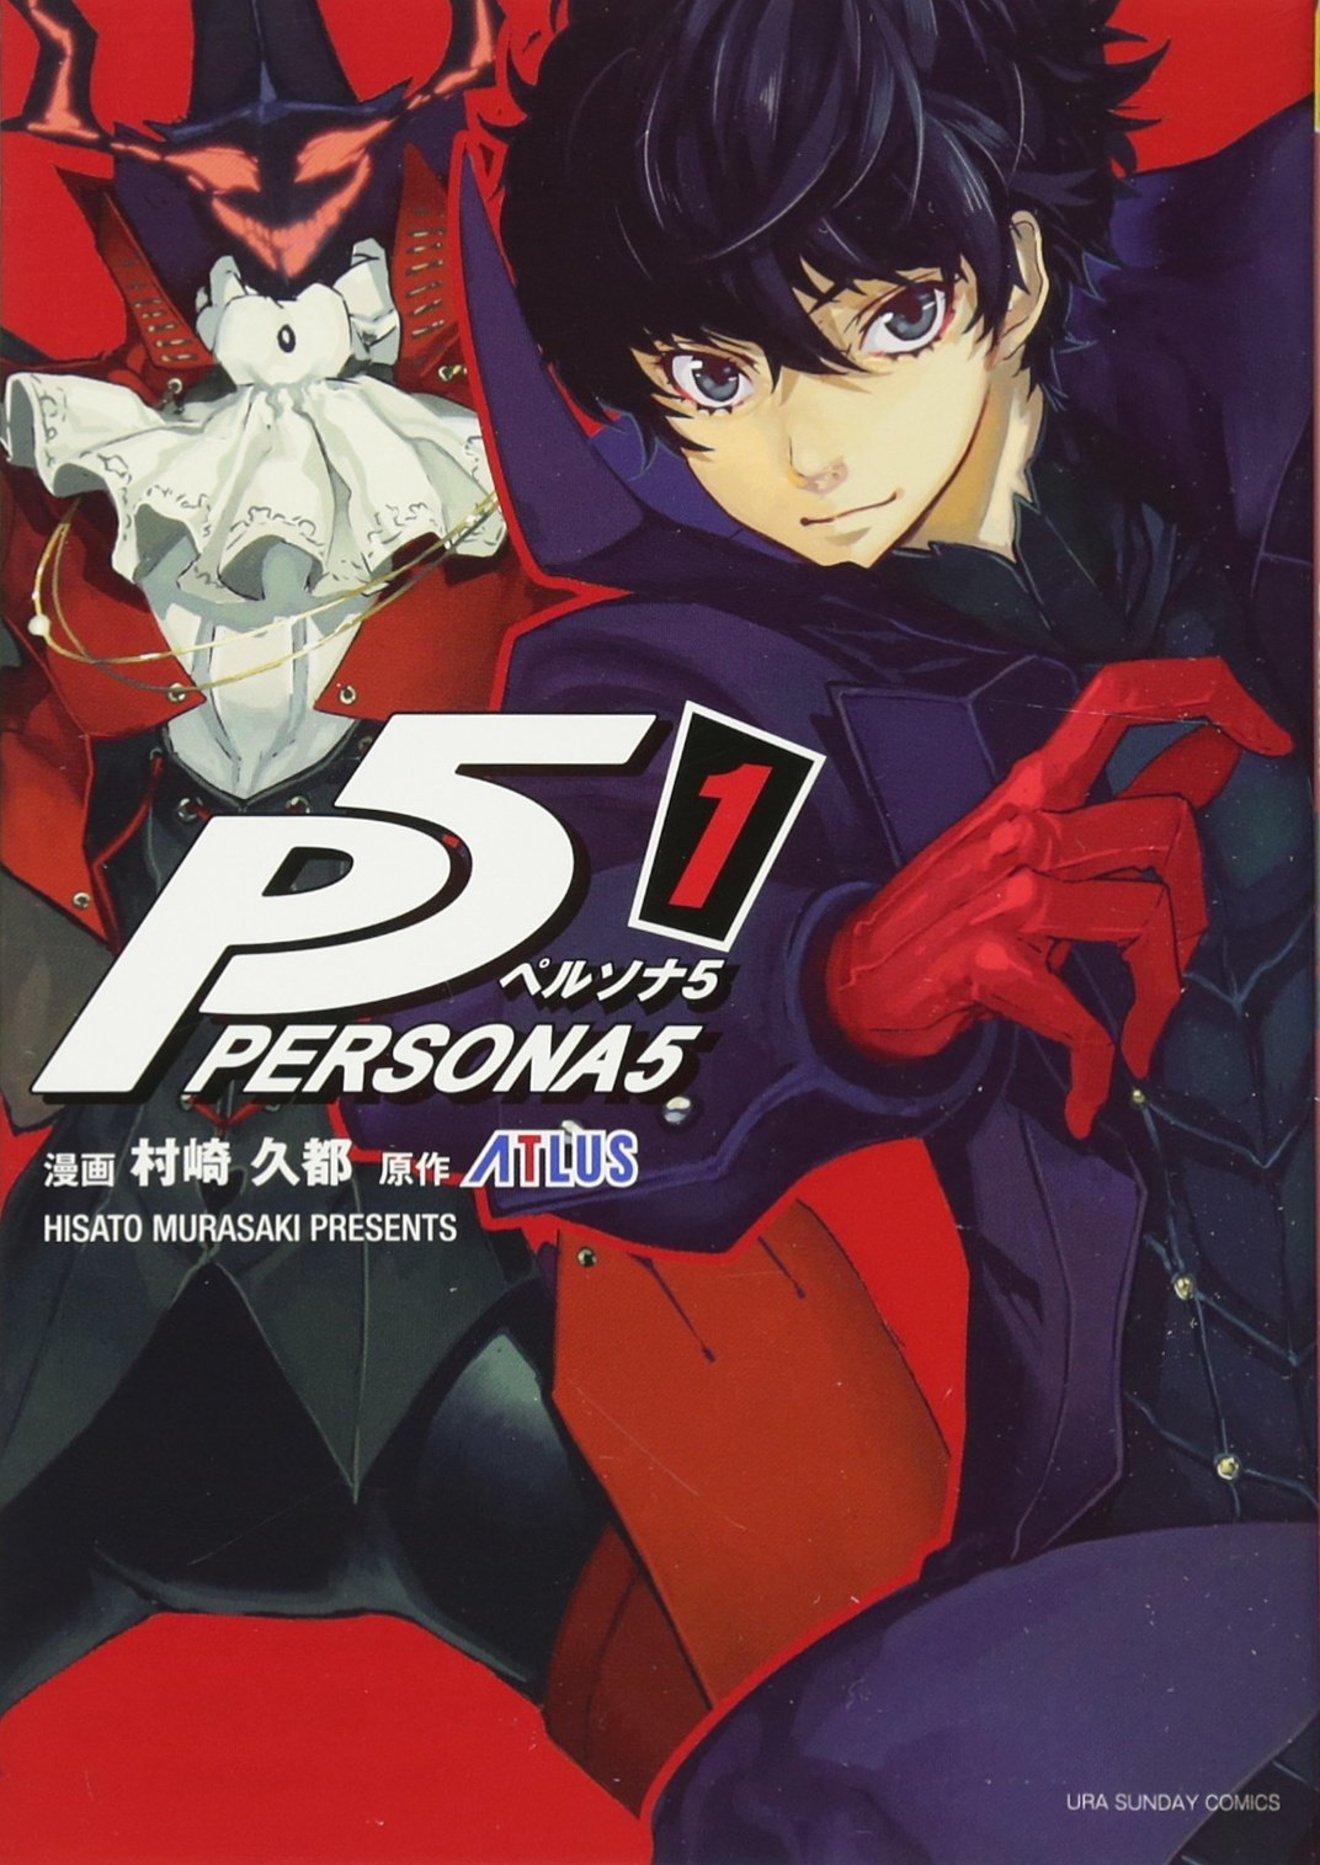 漫画『ペルソナ5』が無料で読める!原作と比較した面白さをネタバレ考察!